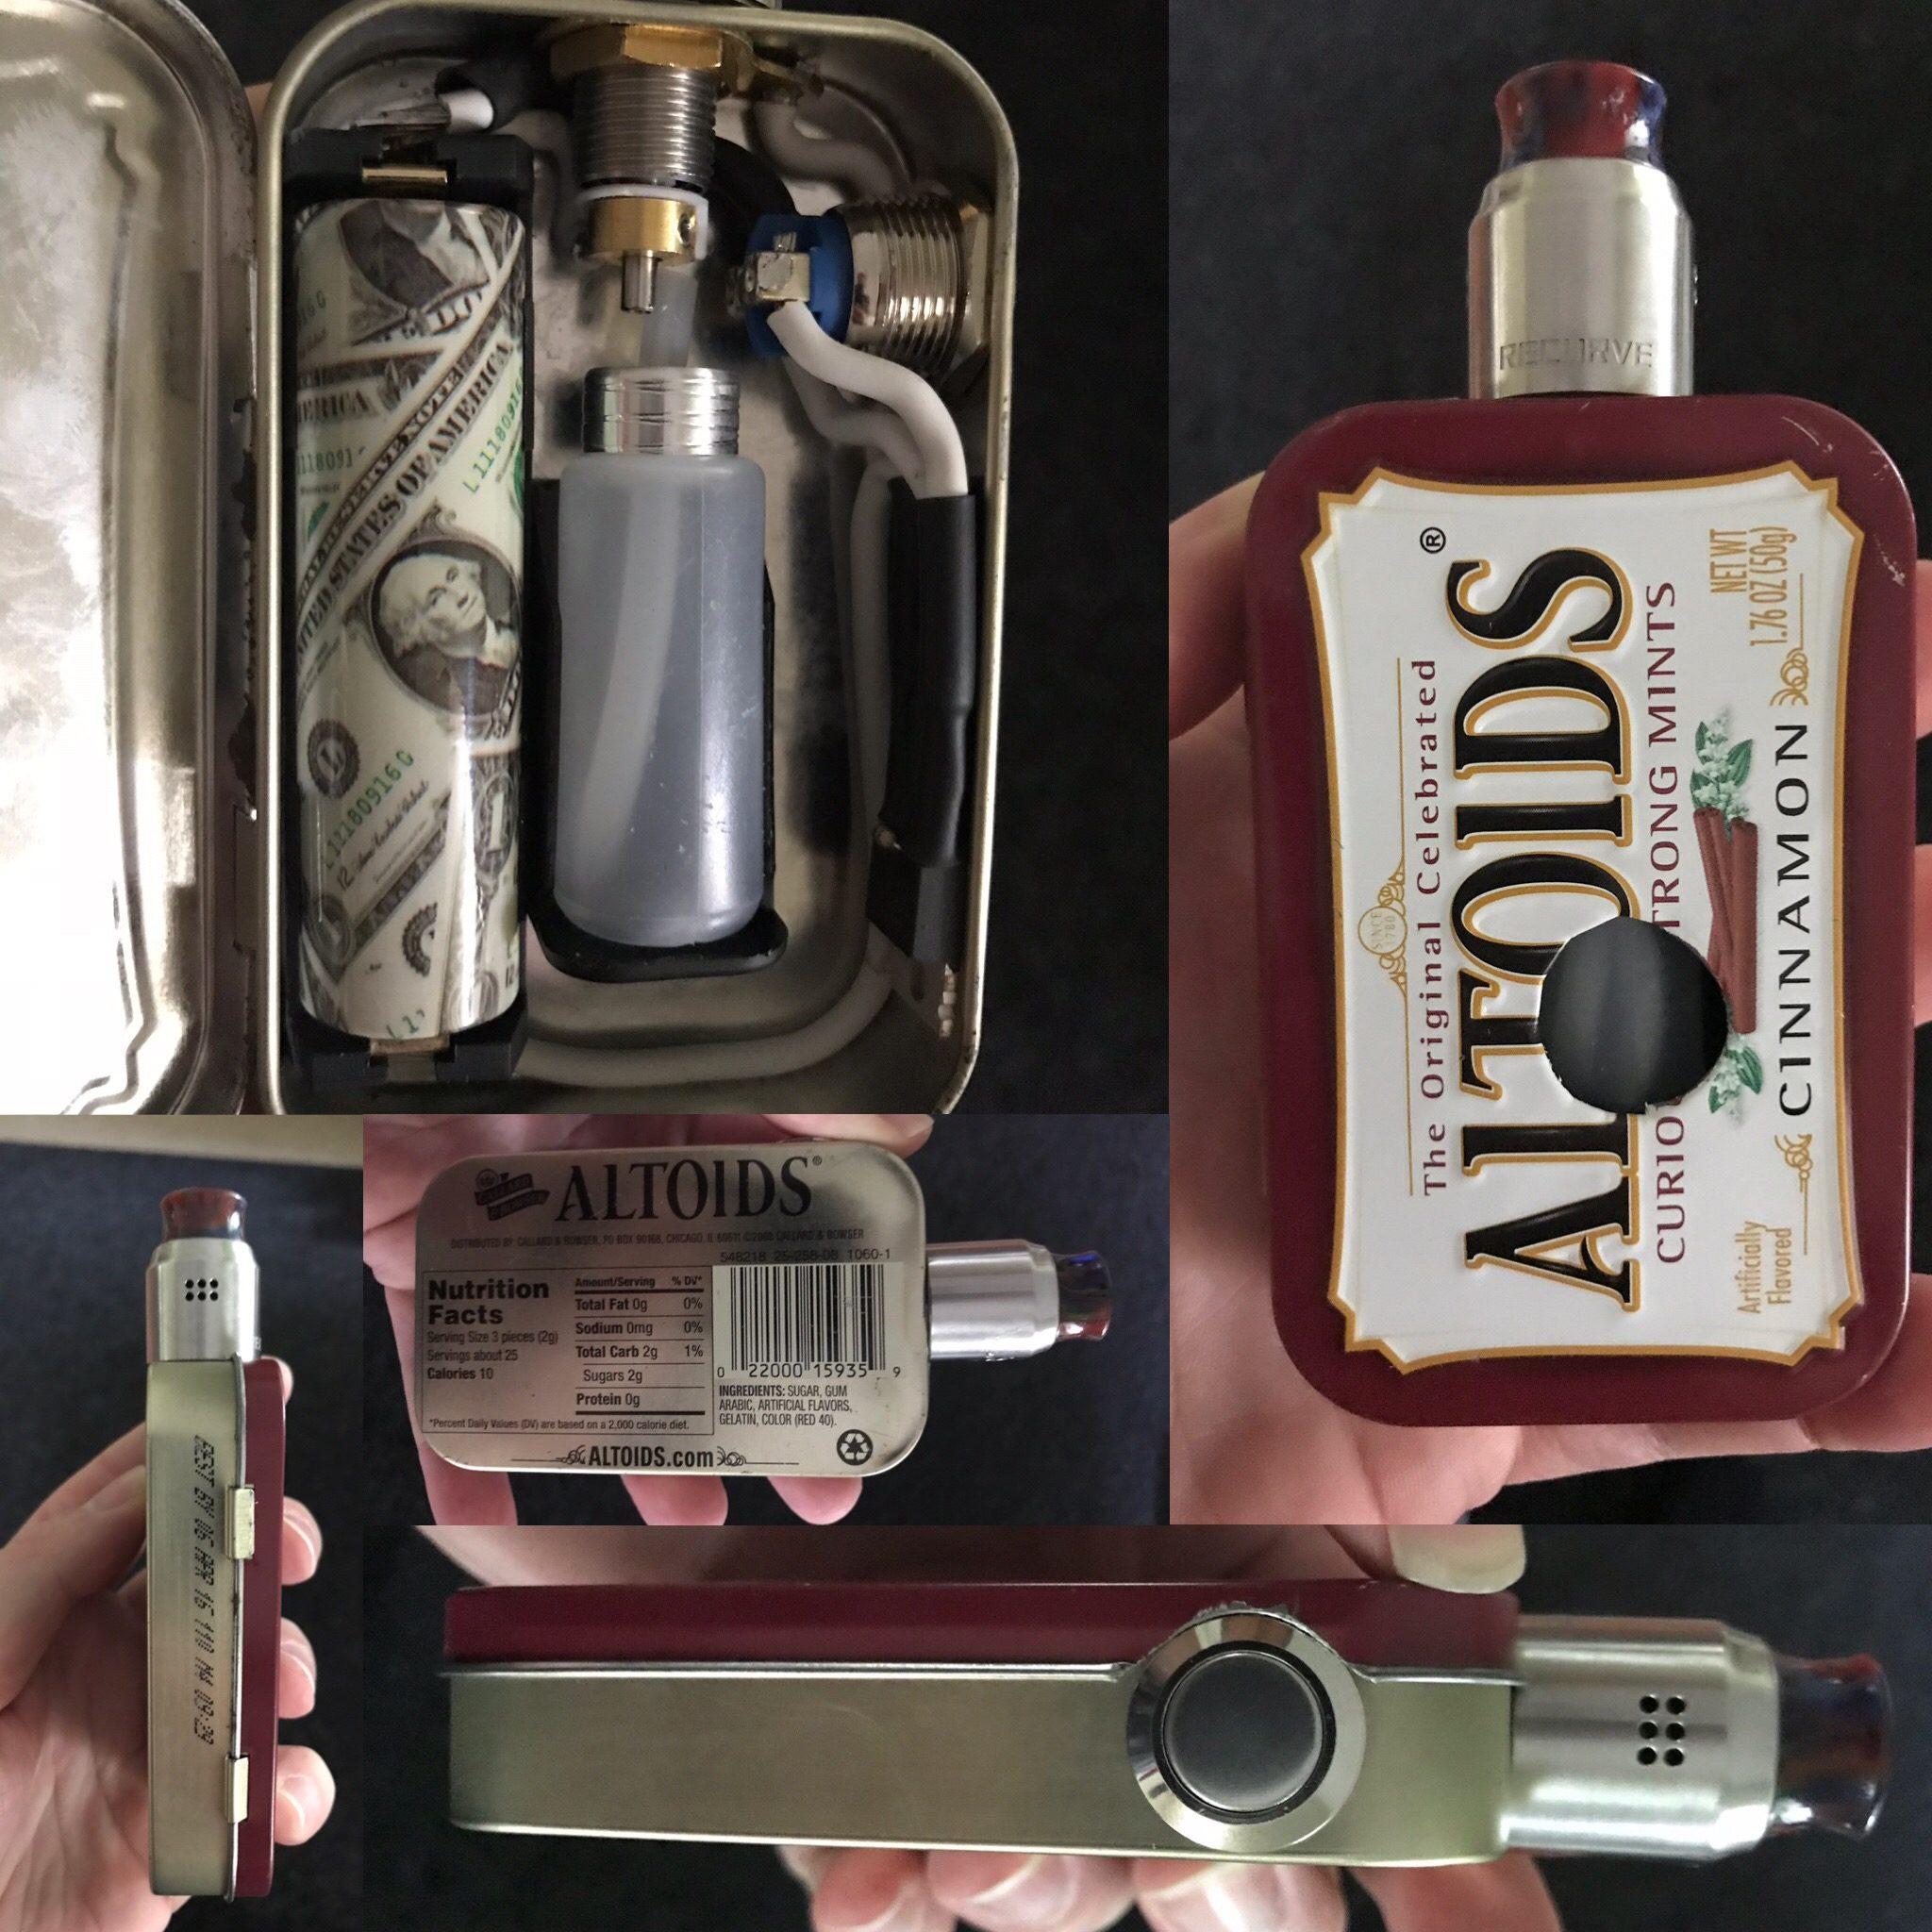 Die Altoids Cinnamon Dose zu einem 1s squonker mod umgebaut